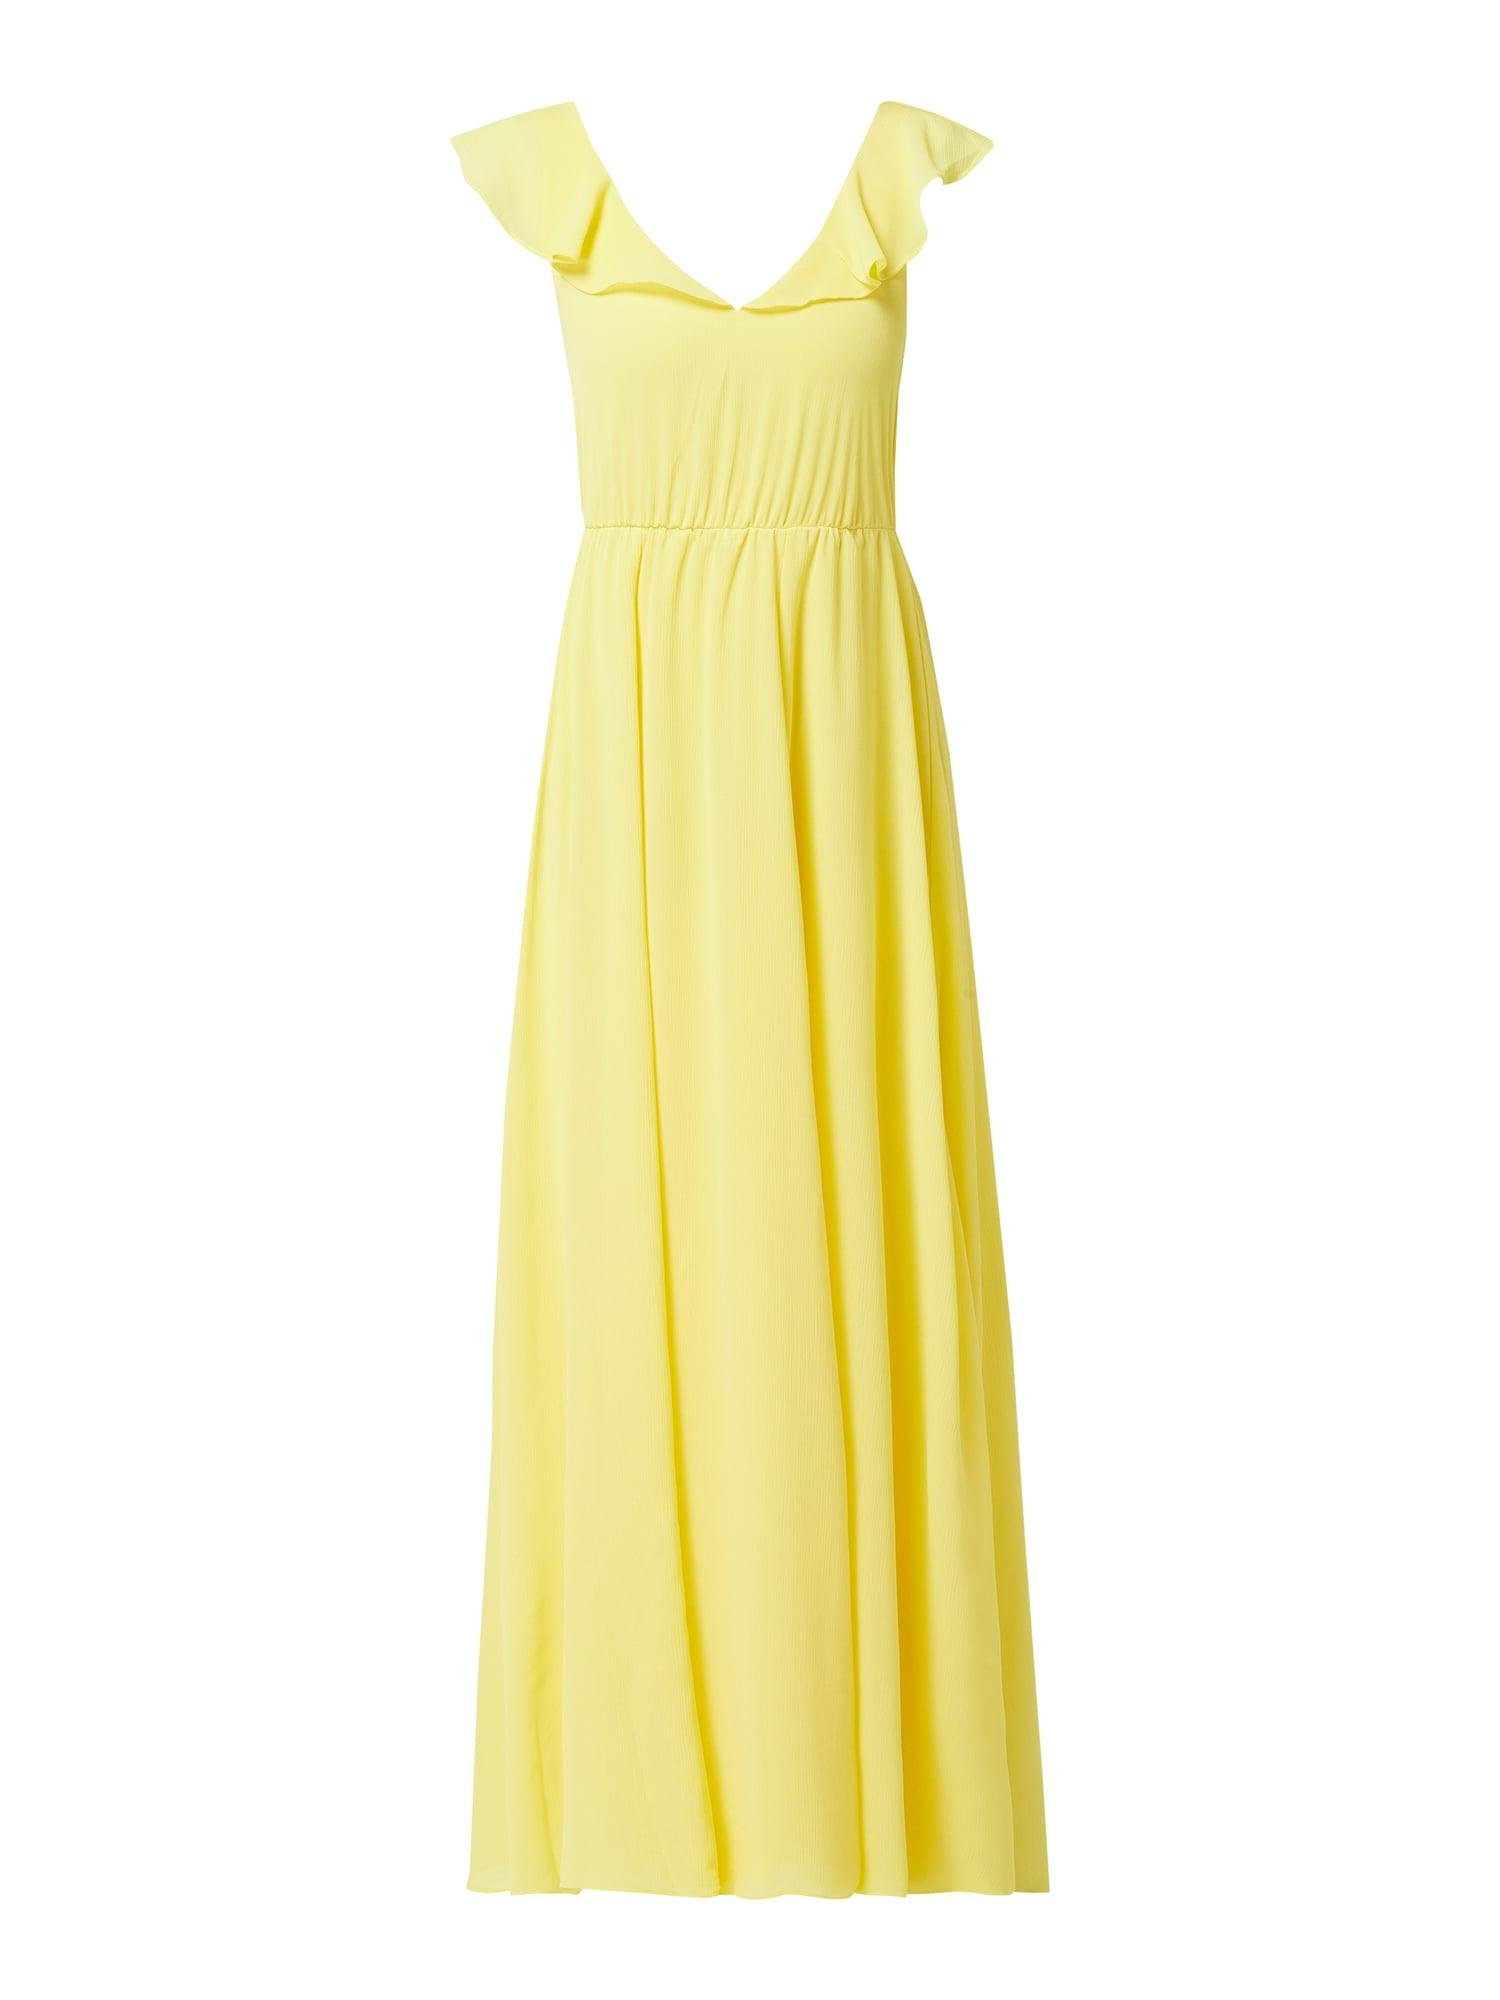 10 Einzigartig Abendkleid Gelb SpezialgebietFormal Luxus Abendkleid Gelb Ärmel